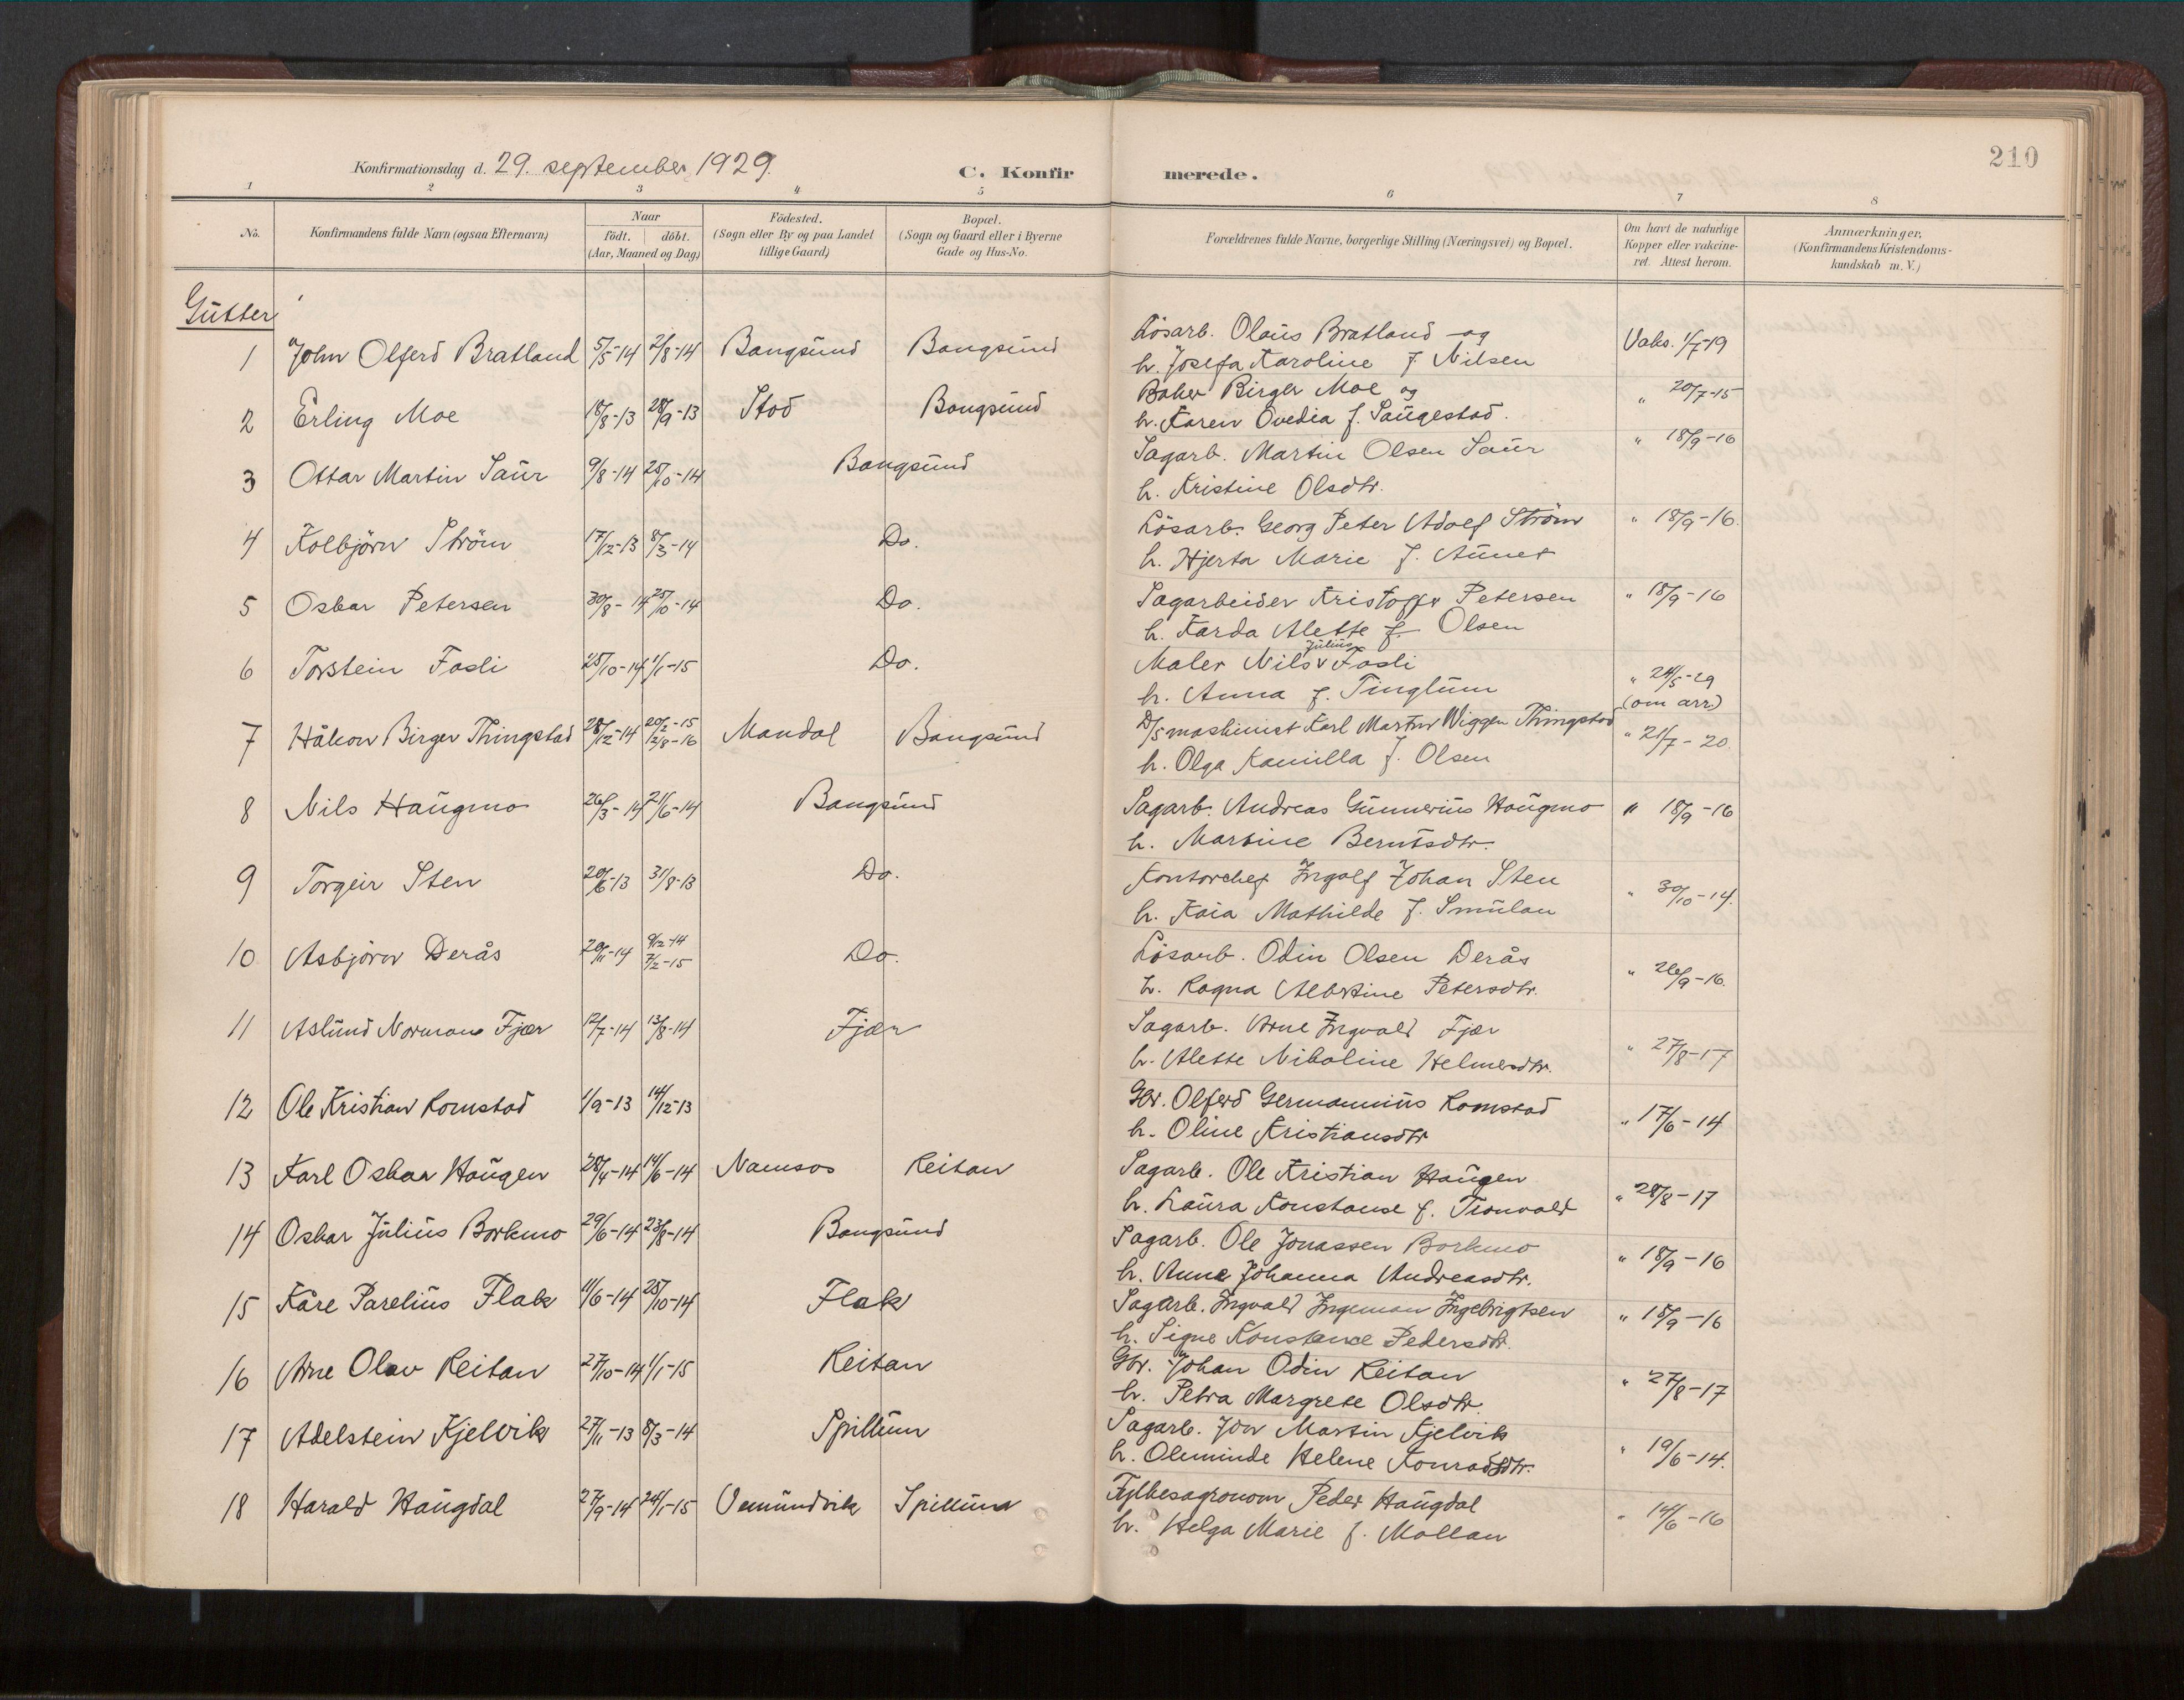 SAT, Ministerialprotokoller, klokkerbøker og fødselsregistre - Nord-Trøndelag, 770/L0589: Parish register (official) no. 770A03, 1887-1929, p. 210